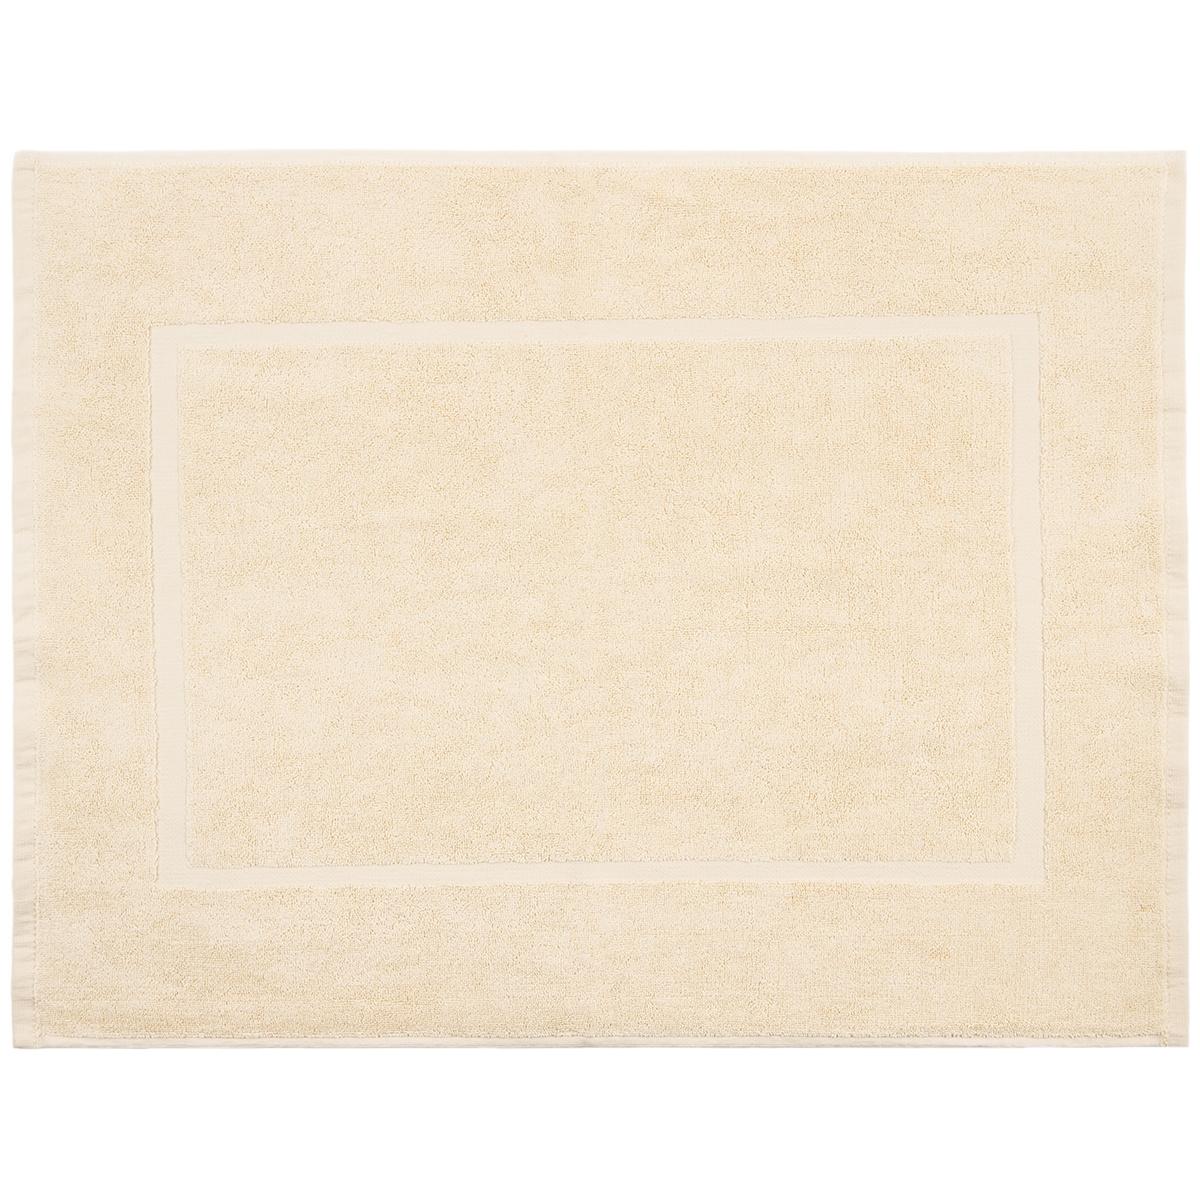 Profod Koupelnová předložka Comfort krémová, 50 x 70 cm